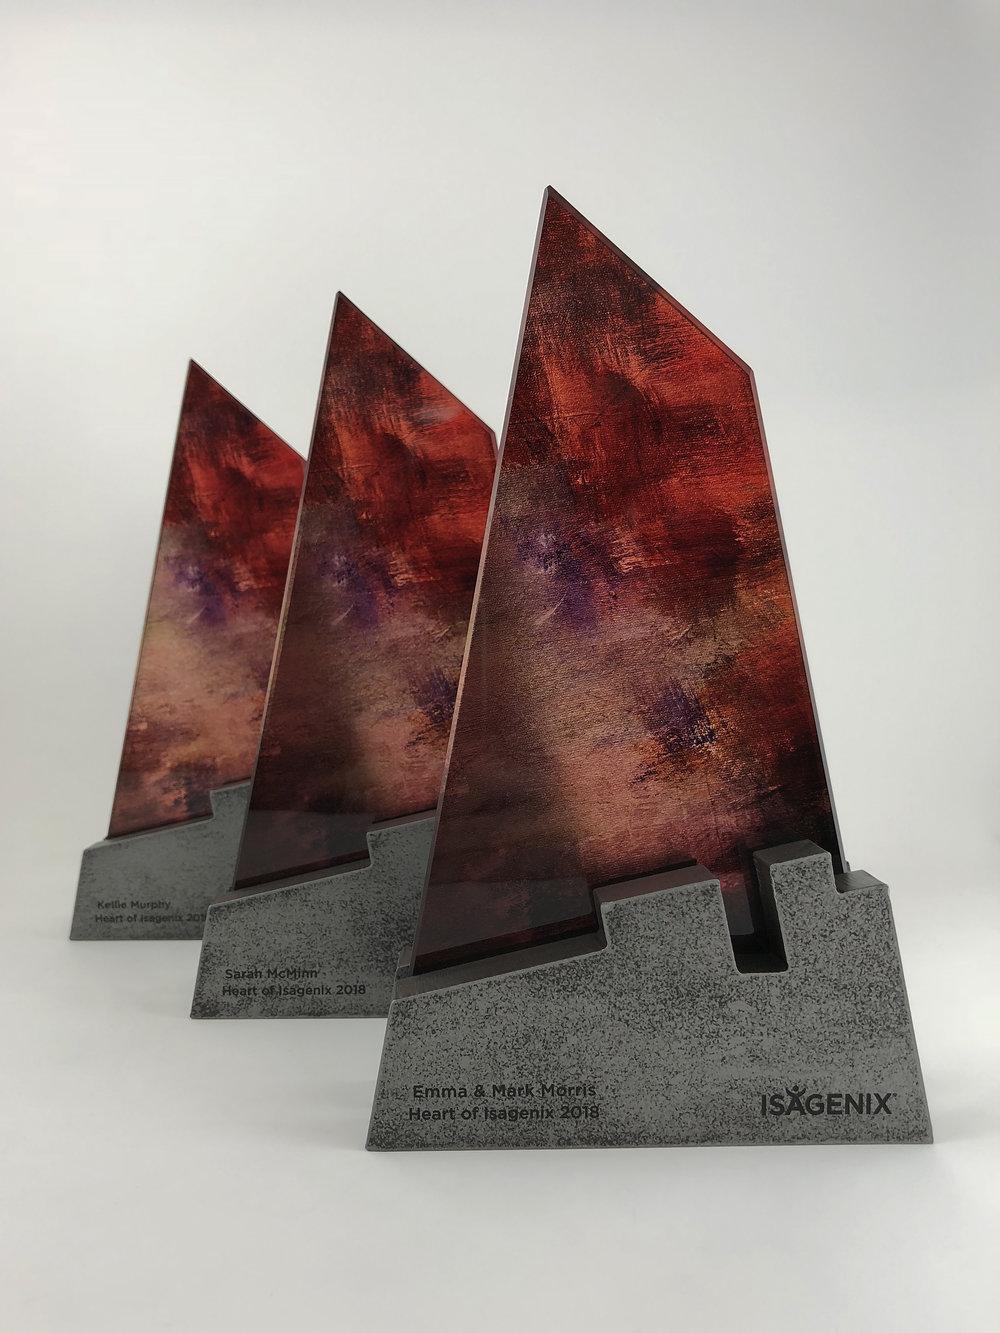 Heart-of-Isagenix-metal-glass-art-award-sculpture-trophy-04.jpg